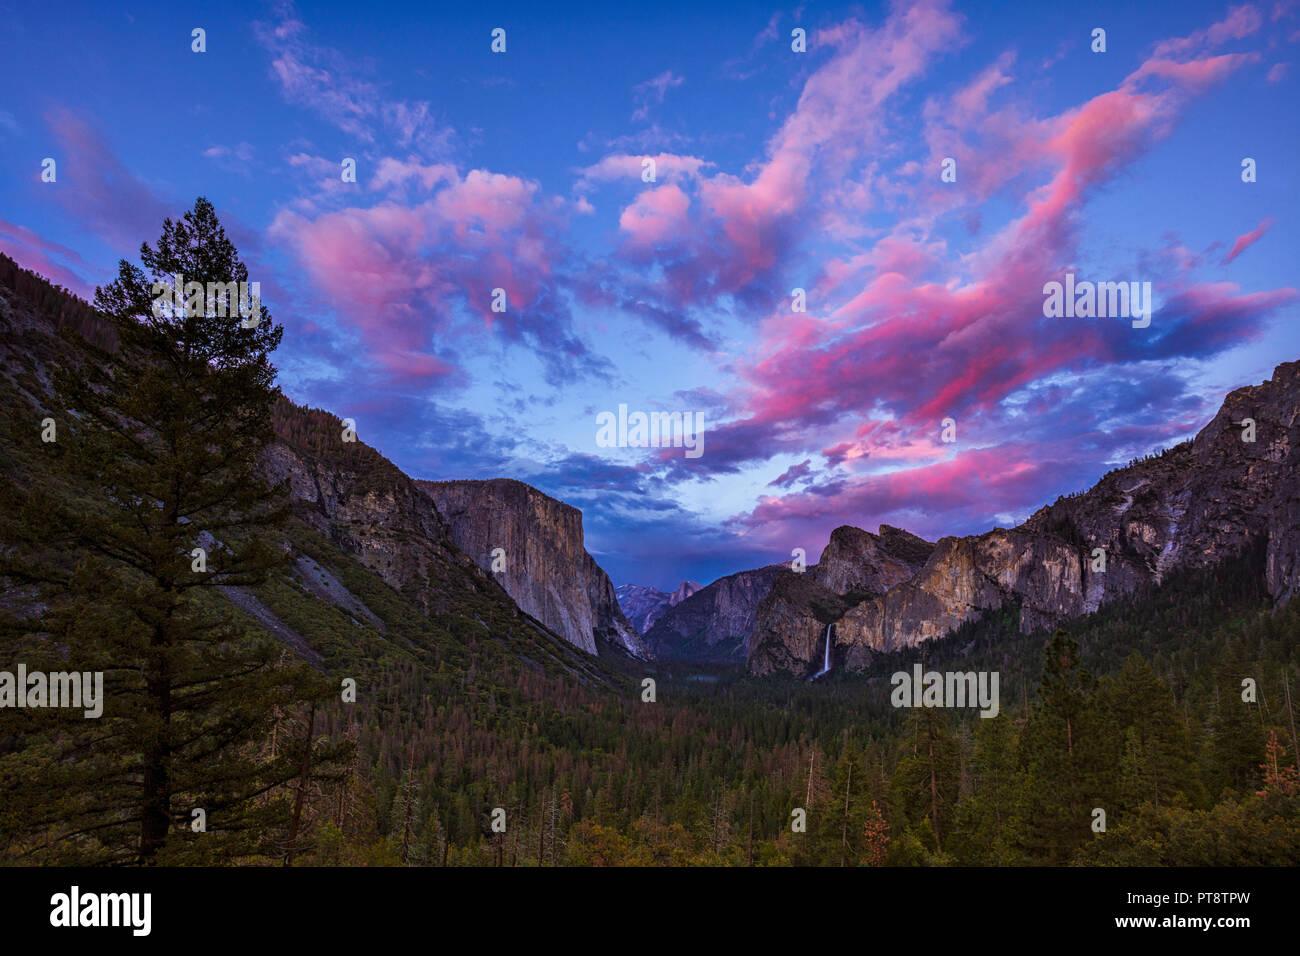 Juste après le coucher du soleil à vue de tunnel dans la région de Yosemite National Park Banque D'Images